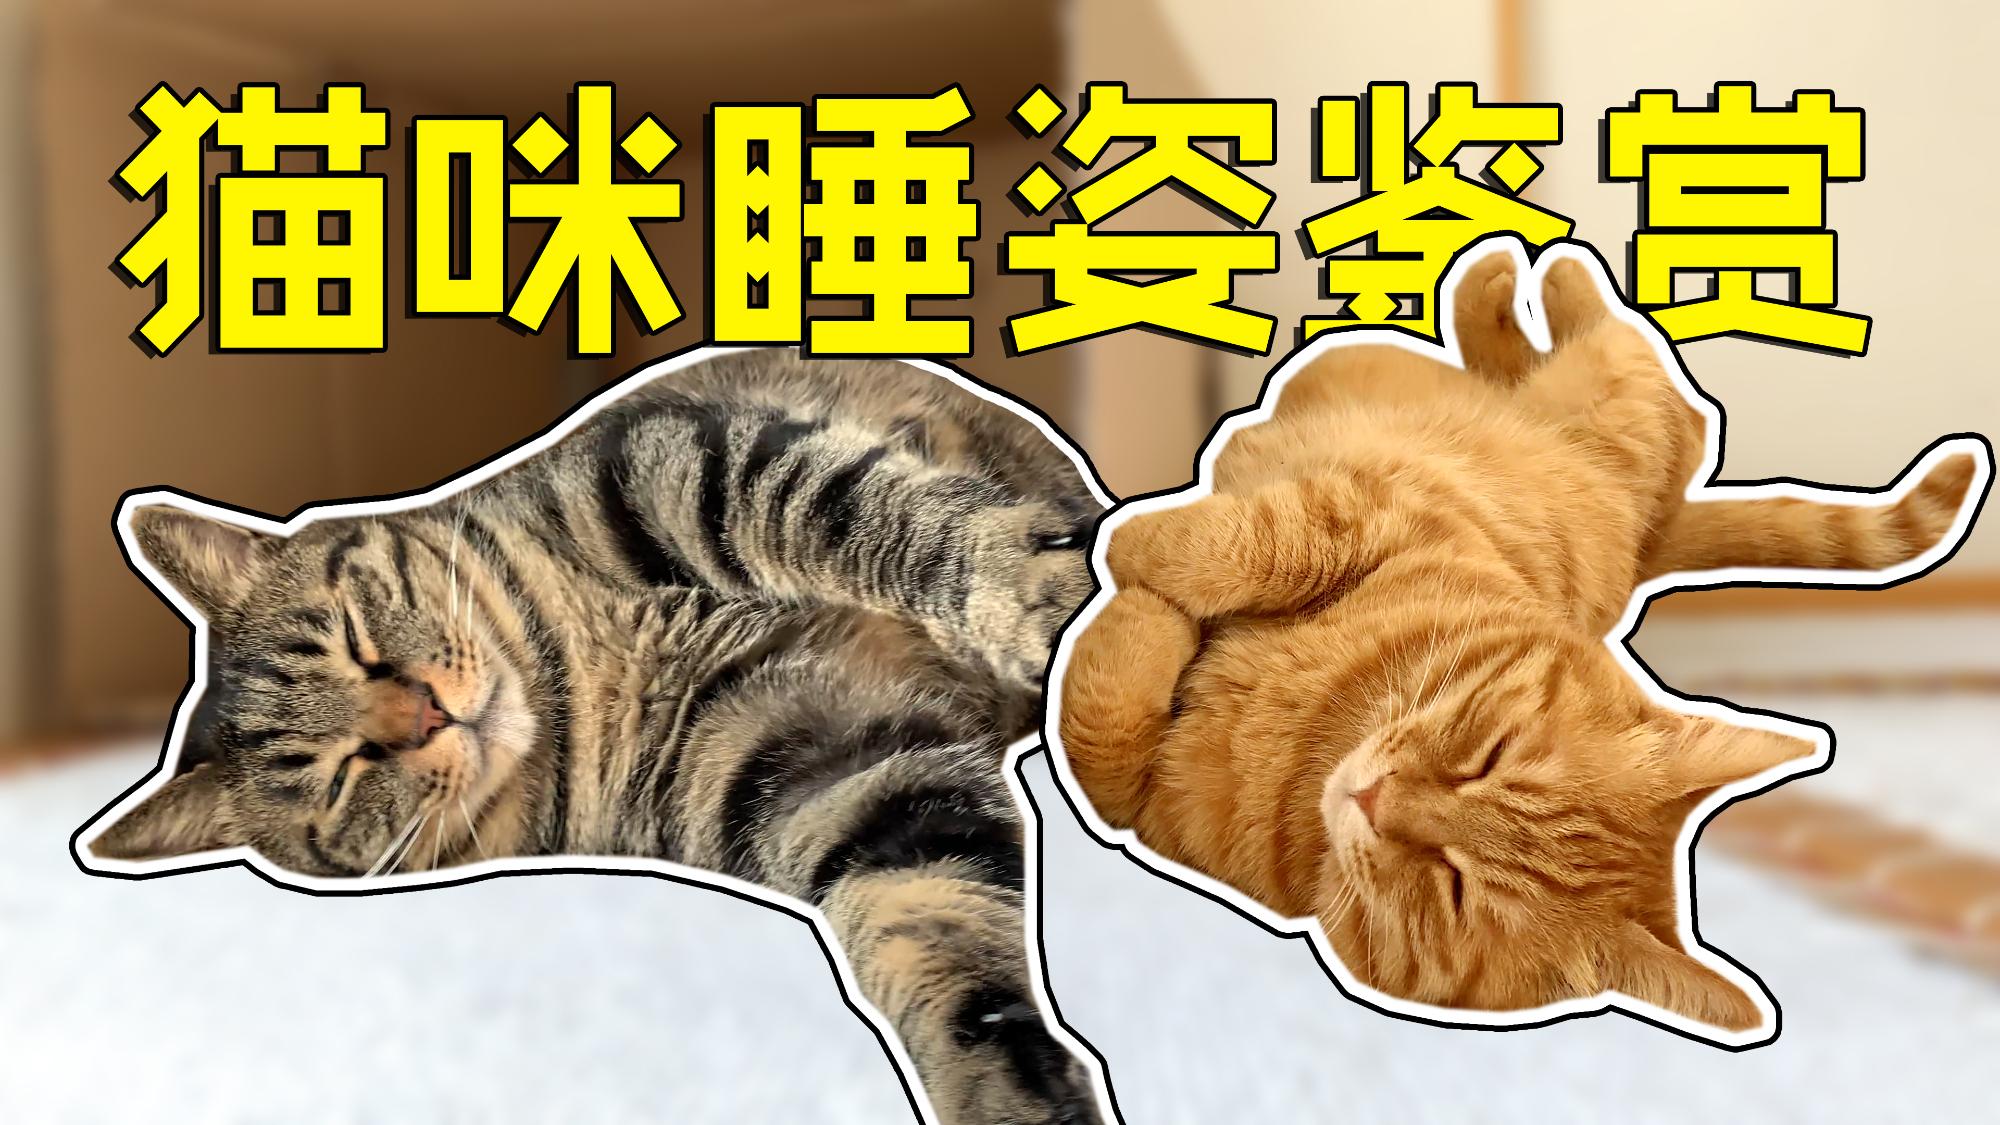 家里有只小猫咪,总揣着手手睡觉,该给他买件军大衣吗?